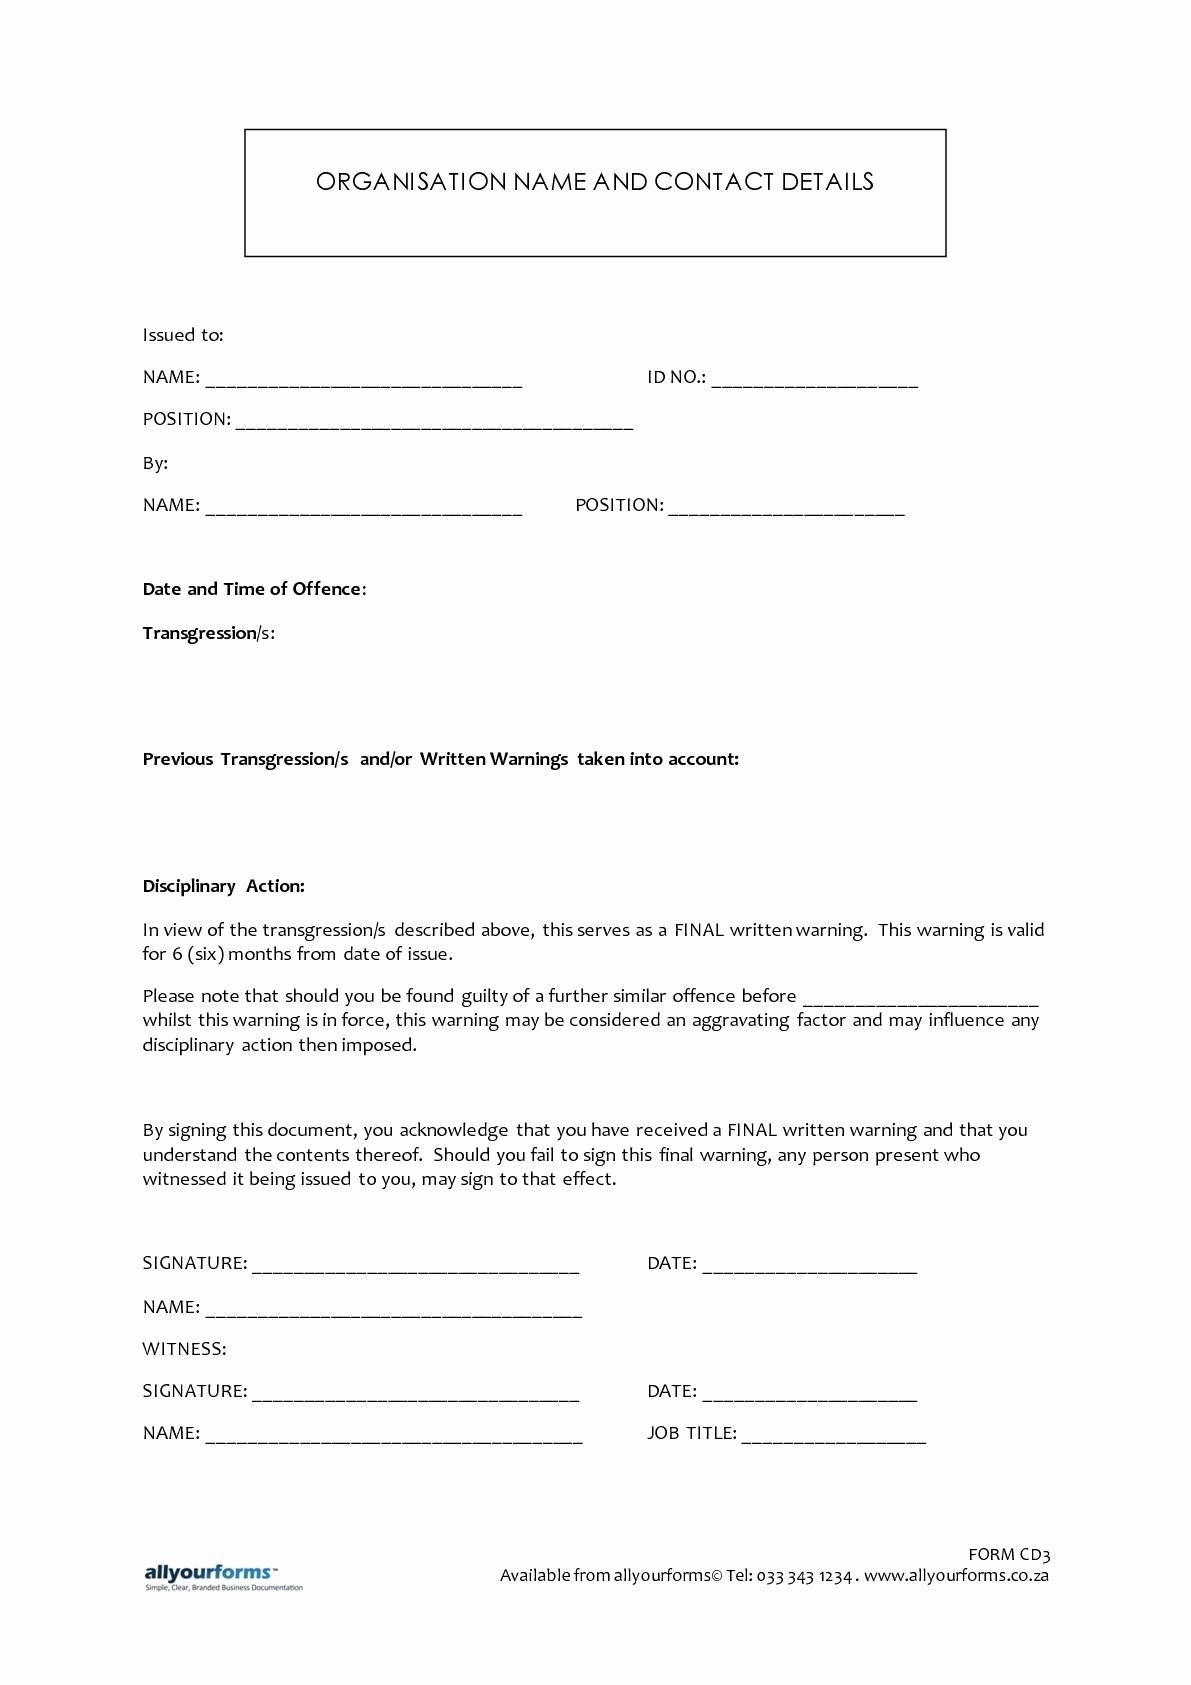 Employee Written Warning Template Free Elegant Final Written Warning Letter to Employee